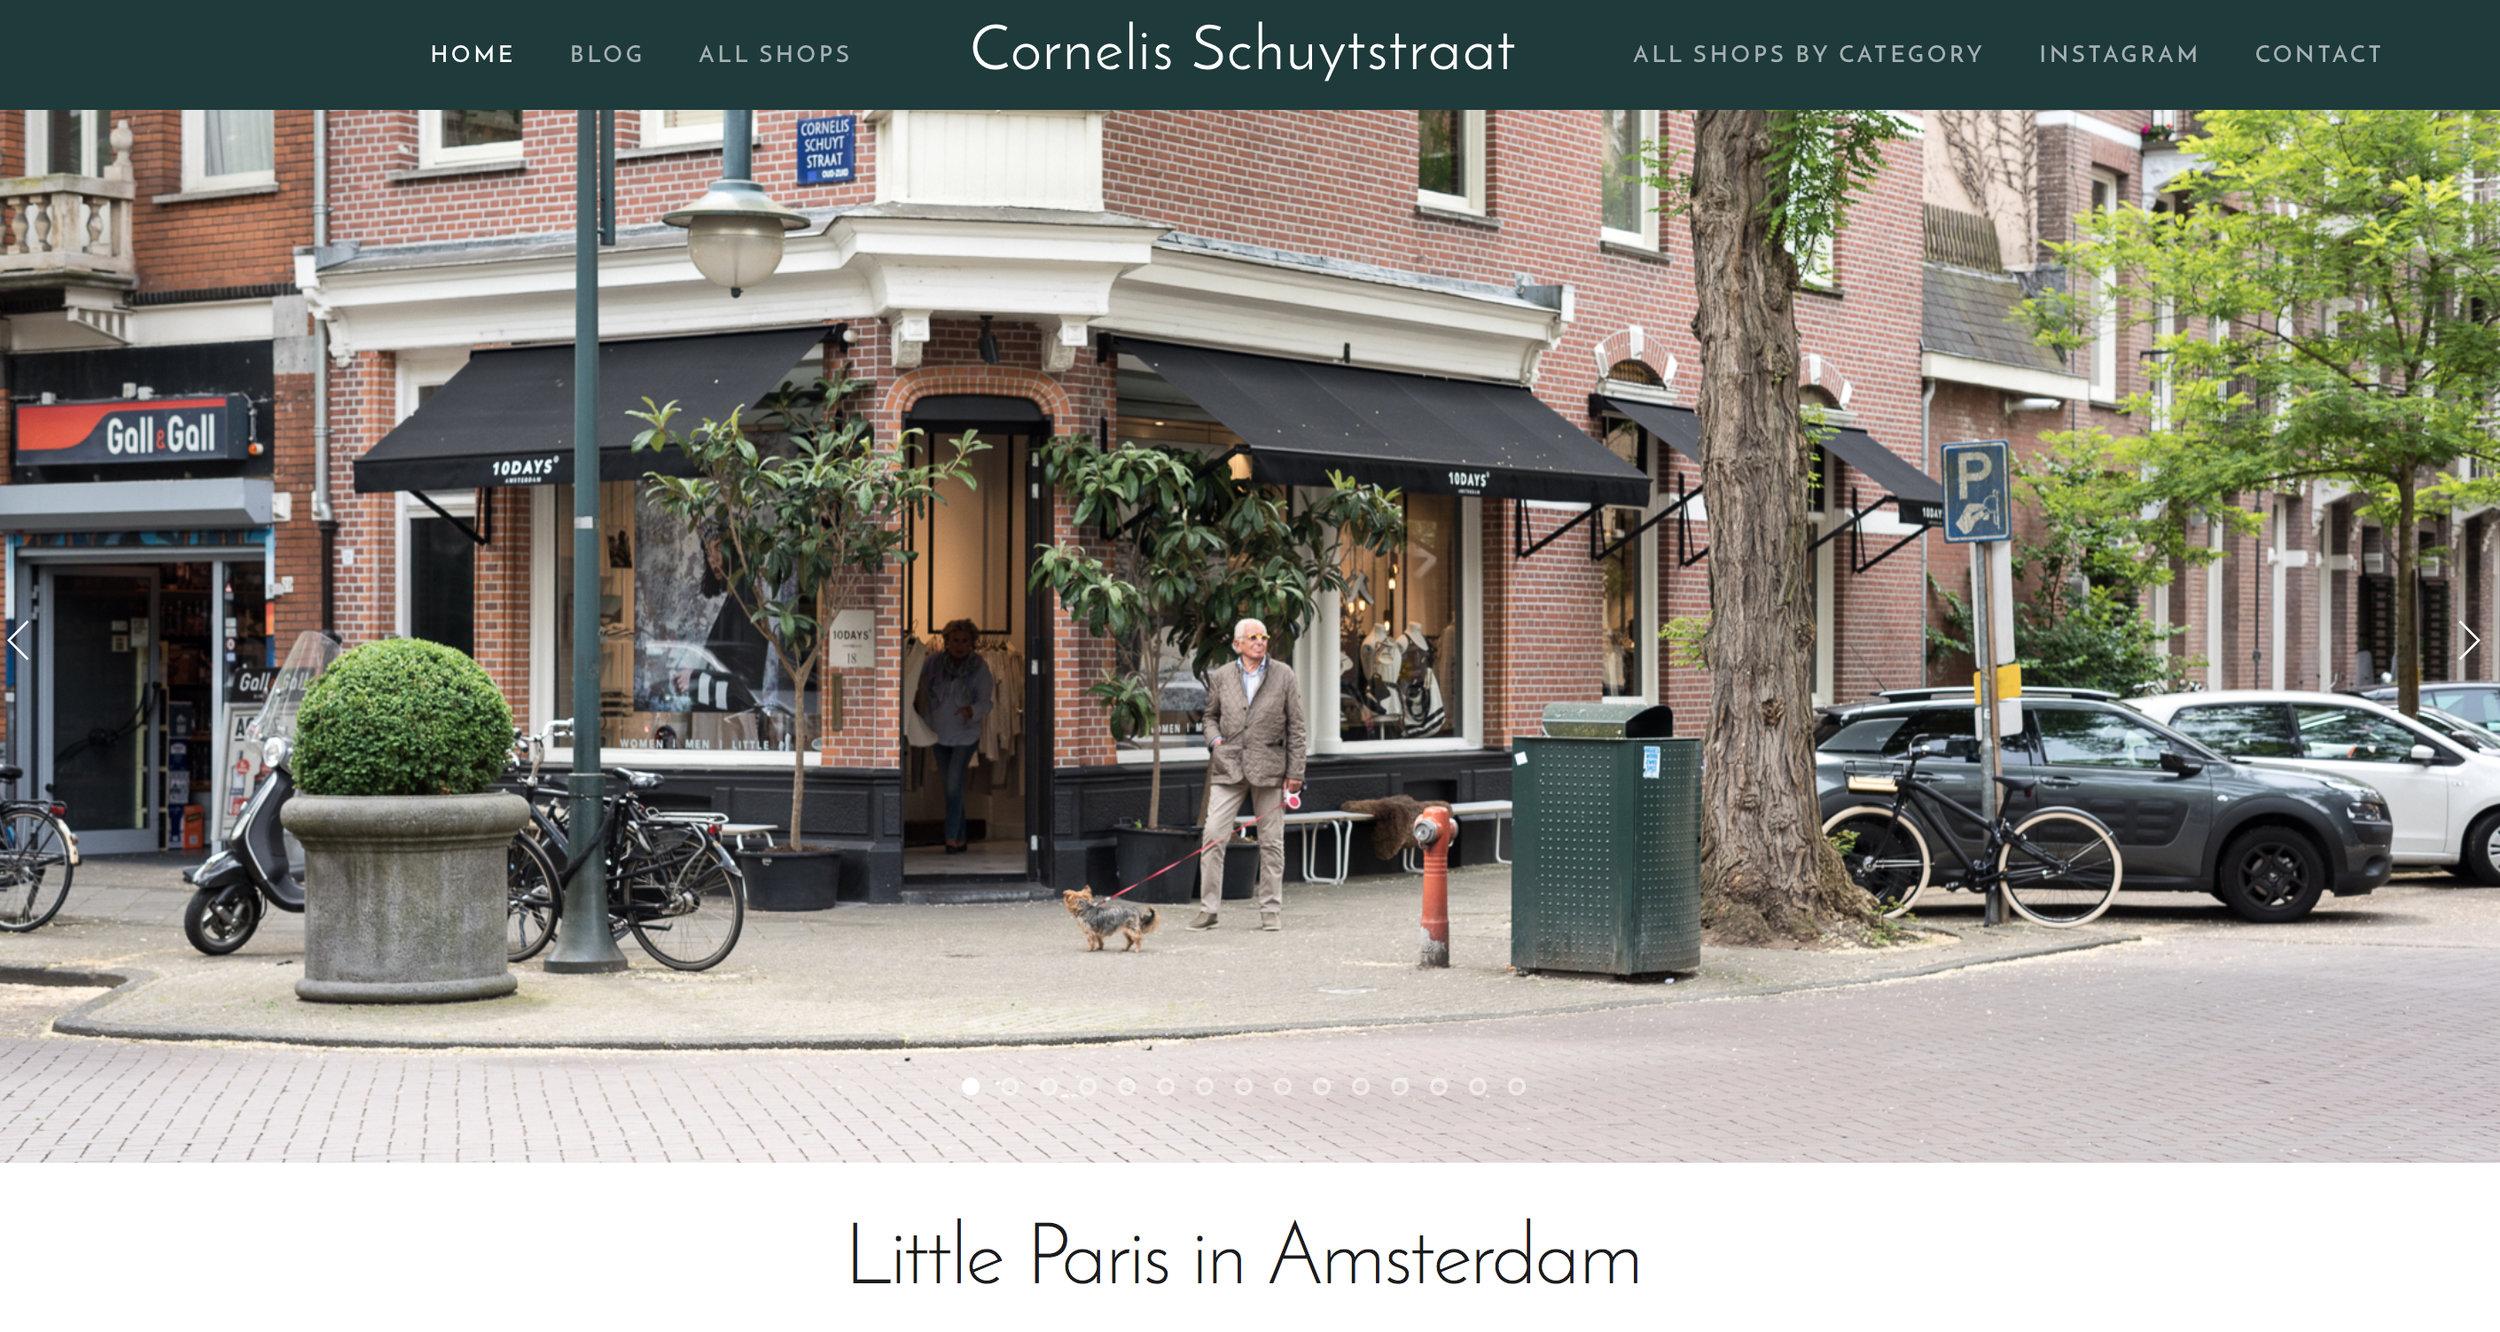 Cornelis Schuytstraat homepage